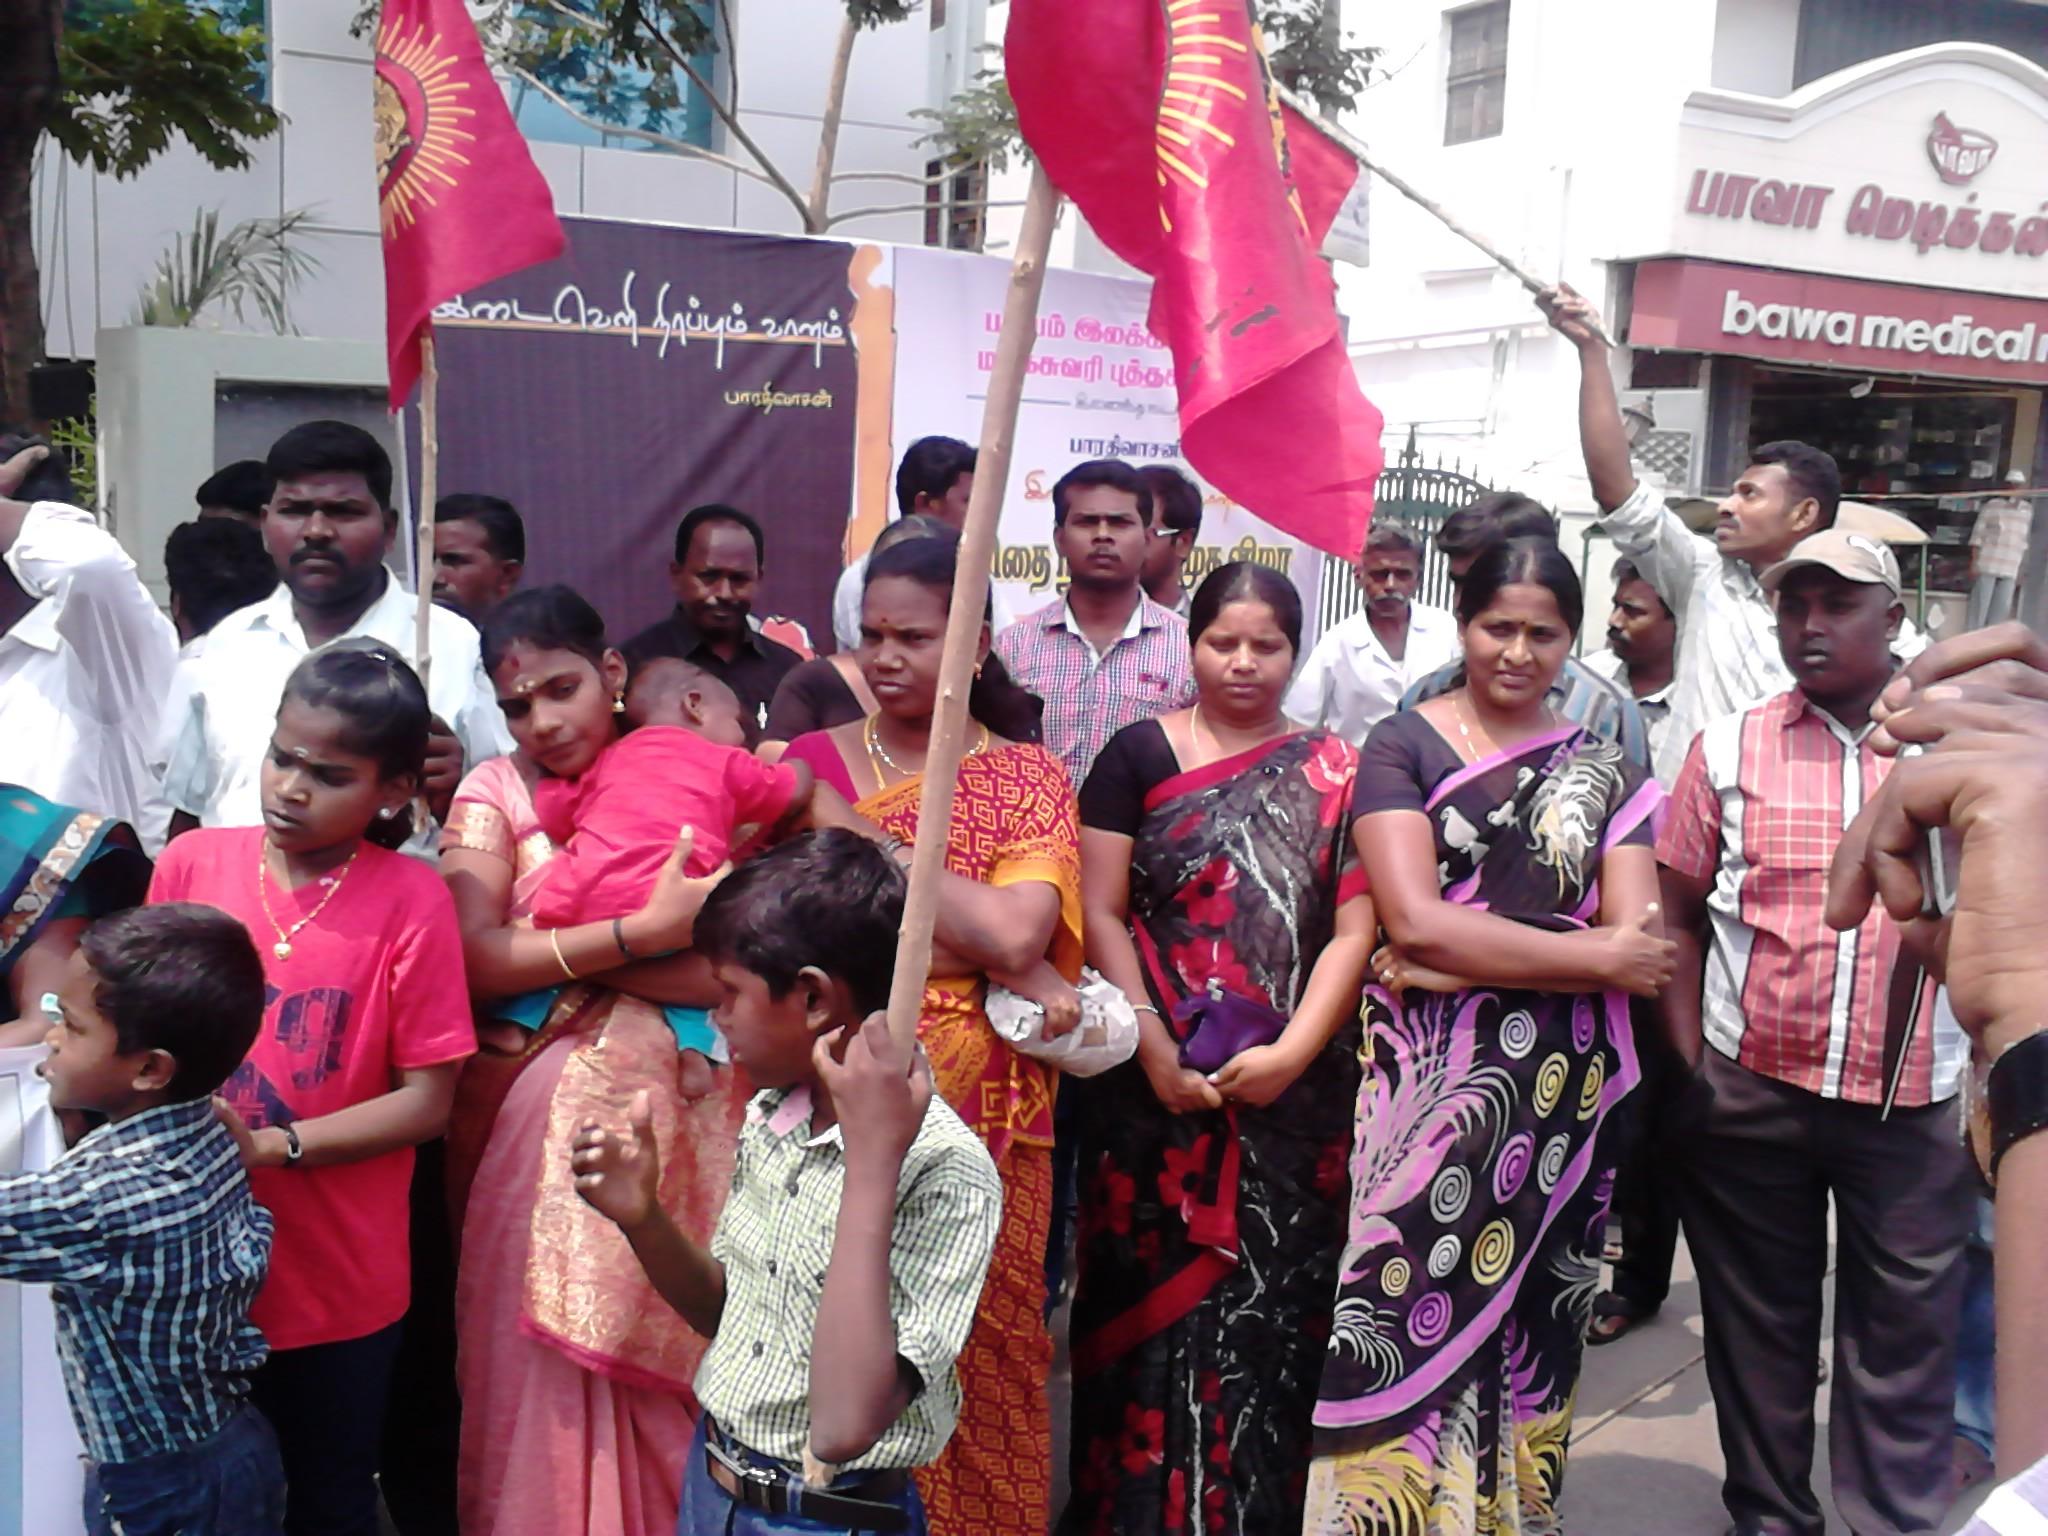 திருப்பூர் மாநகராட்சி முன் மத்திய அரசை கண்டித்து நடந்த ஆர்பாட்டம்! DSC 0040